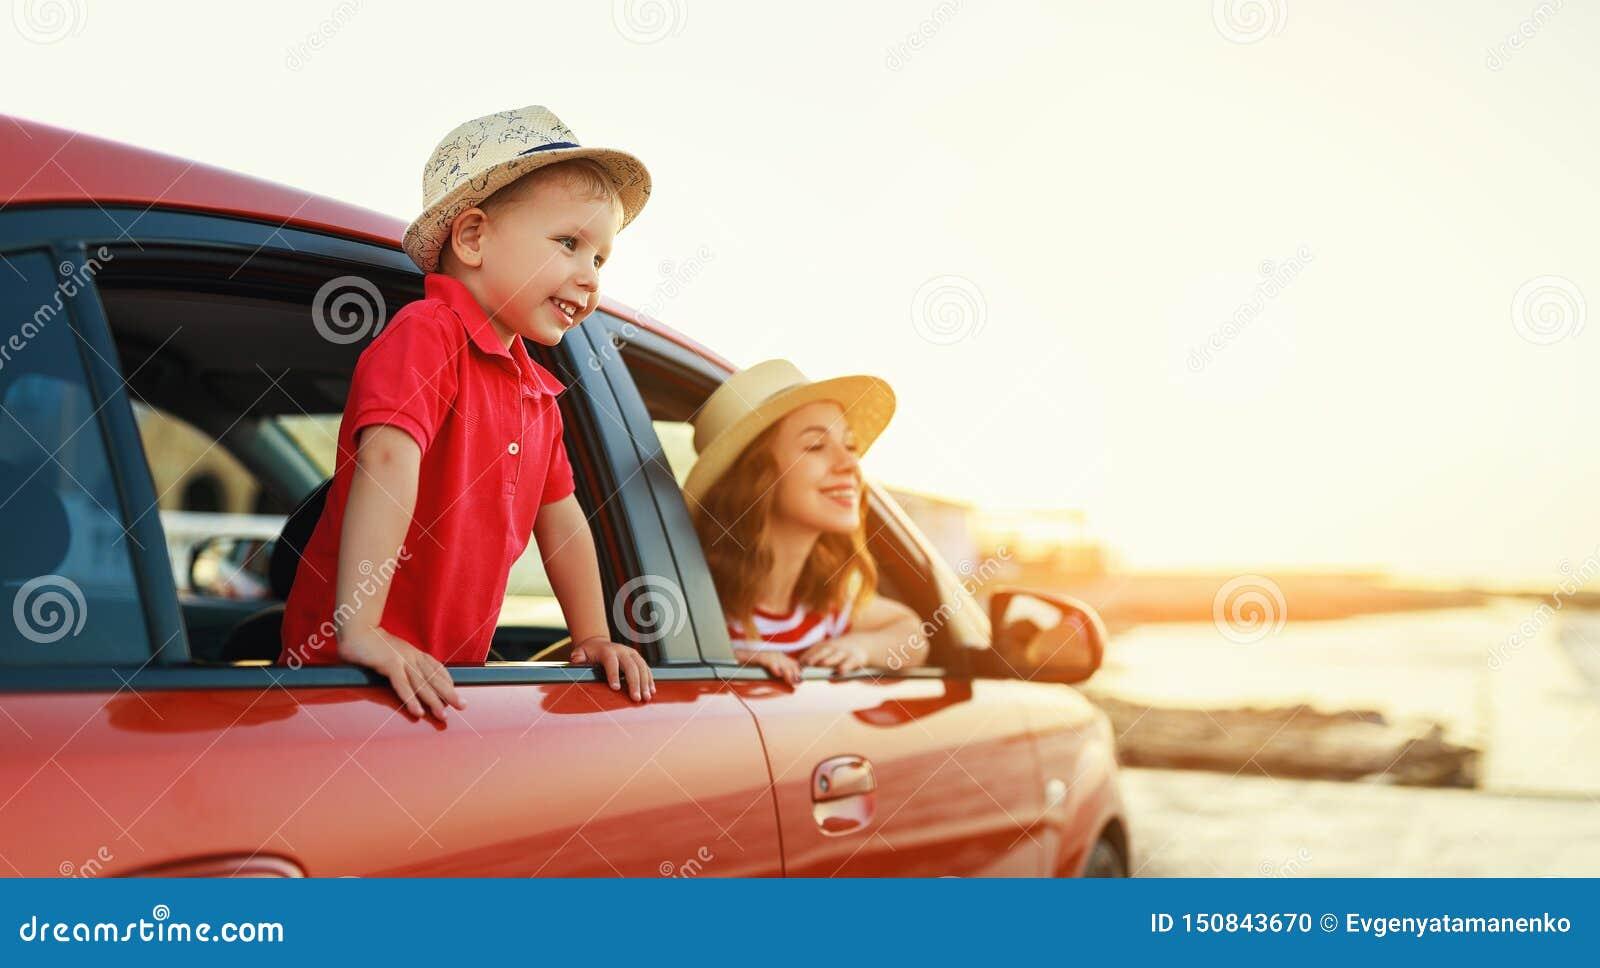 幸福家庭母亲和儿童男孩去夏天在汽车的旅行旅行